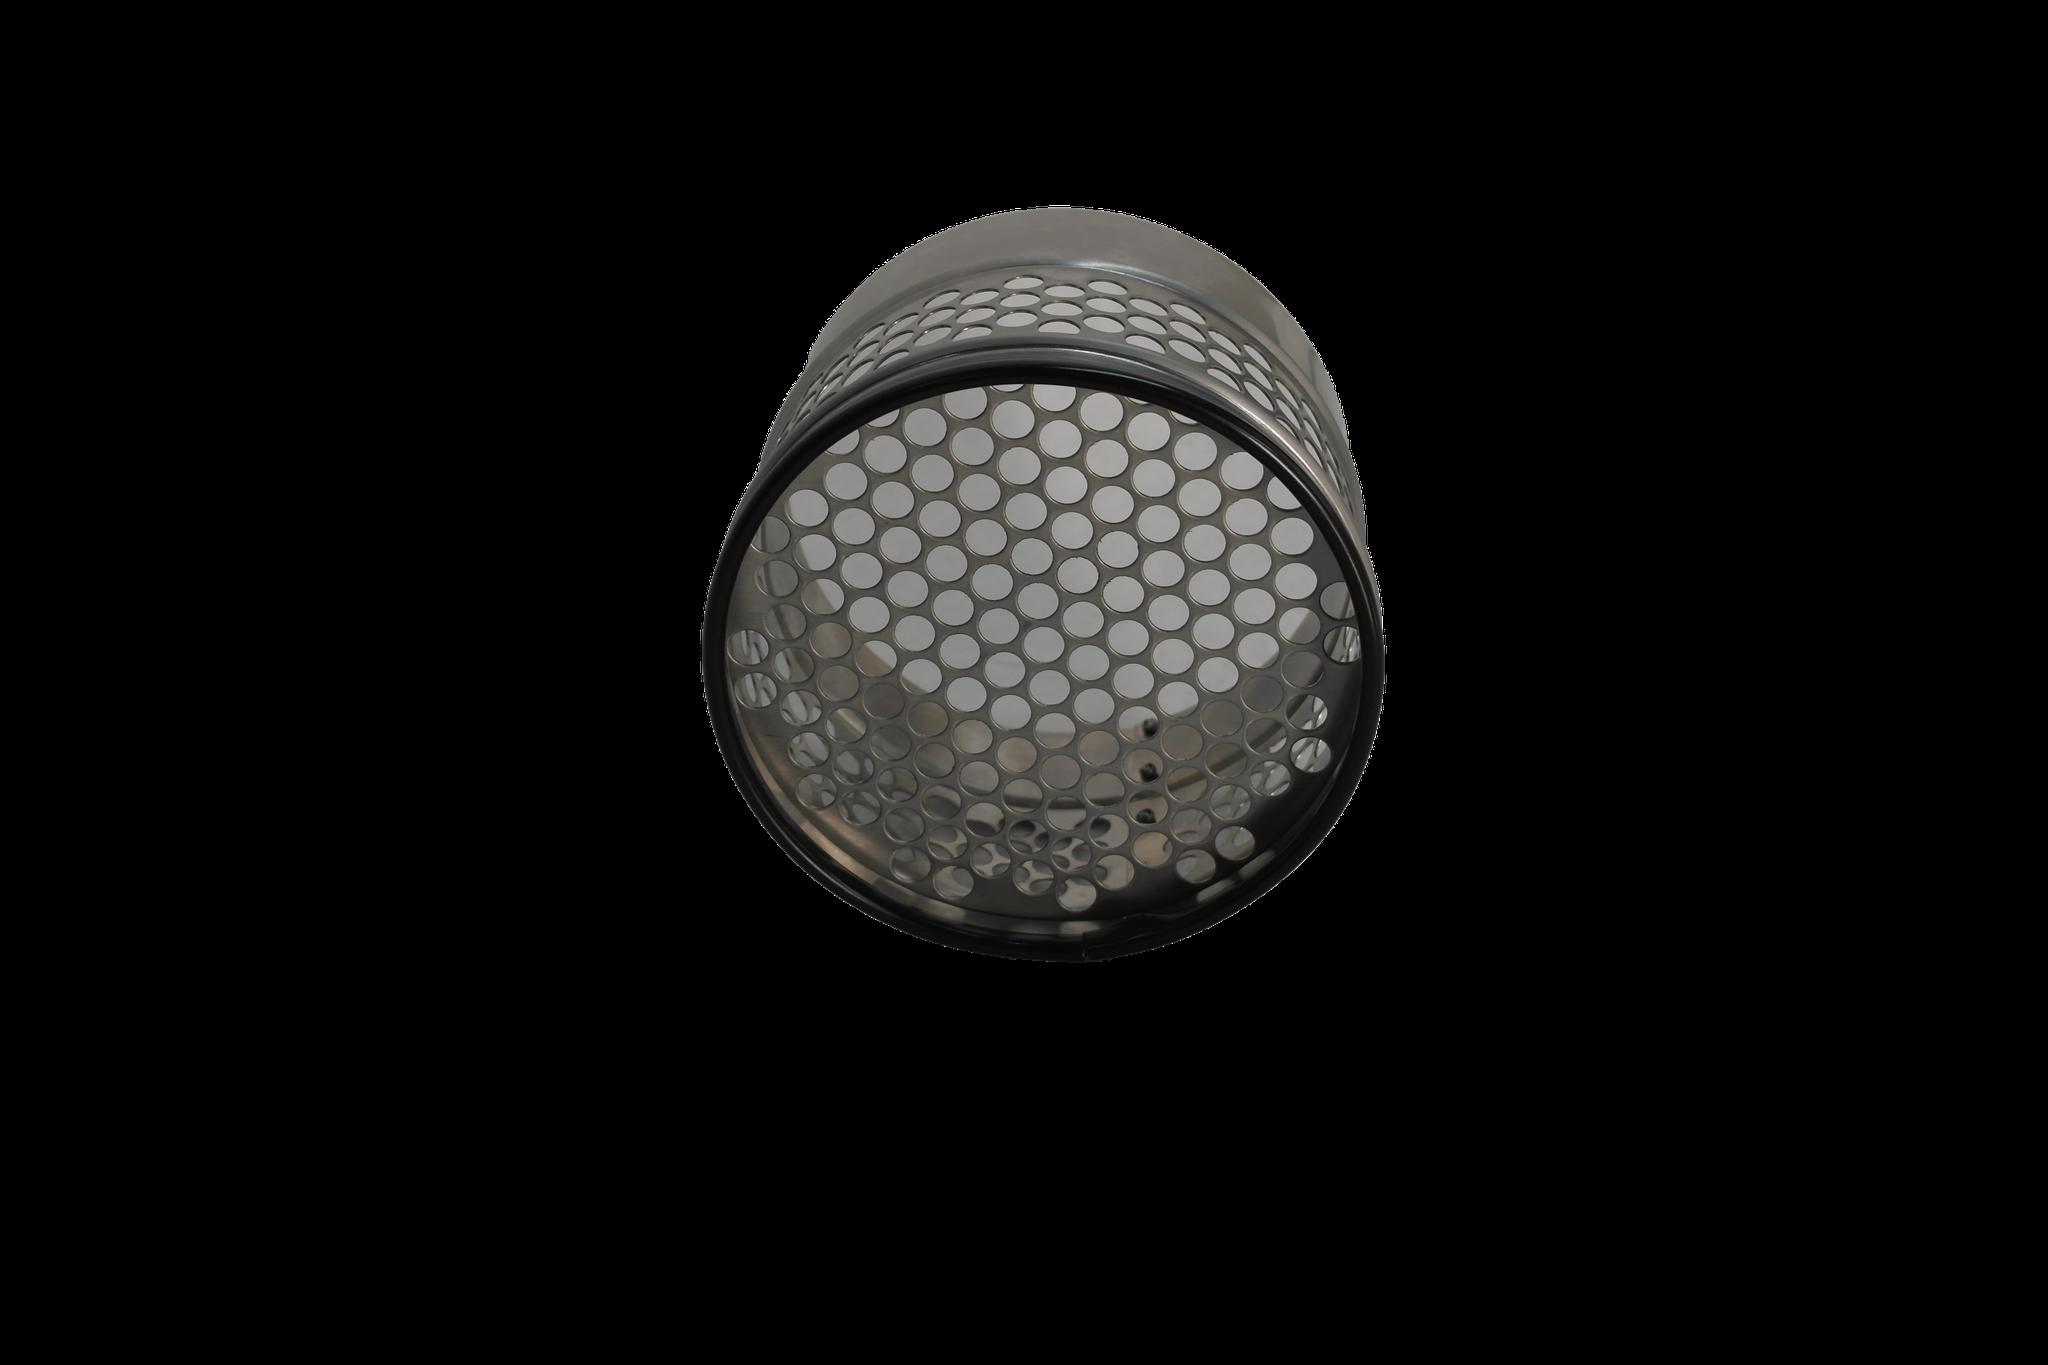 Siebrohr für 160er KG Rohr (DN 150) für den Zulauf